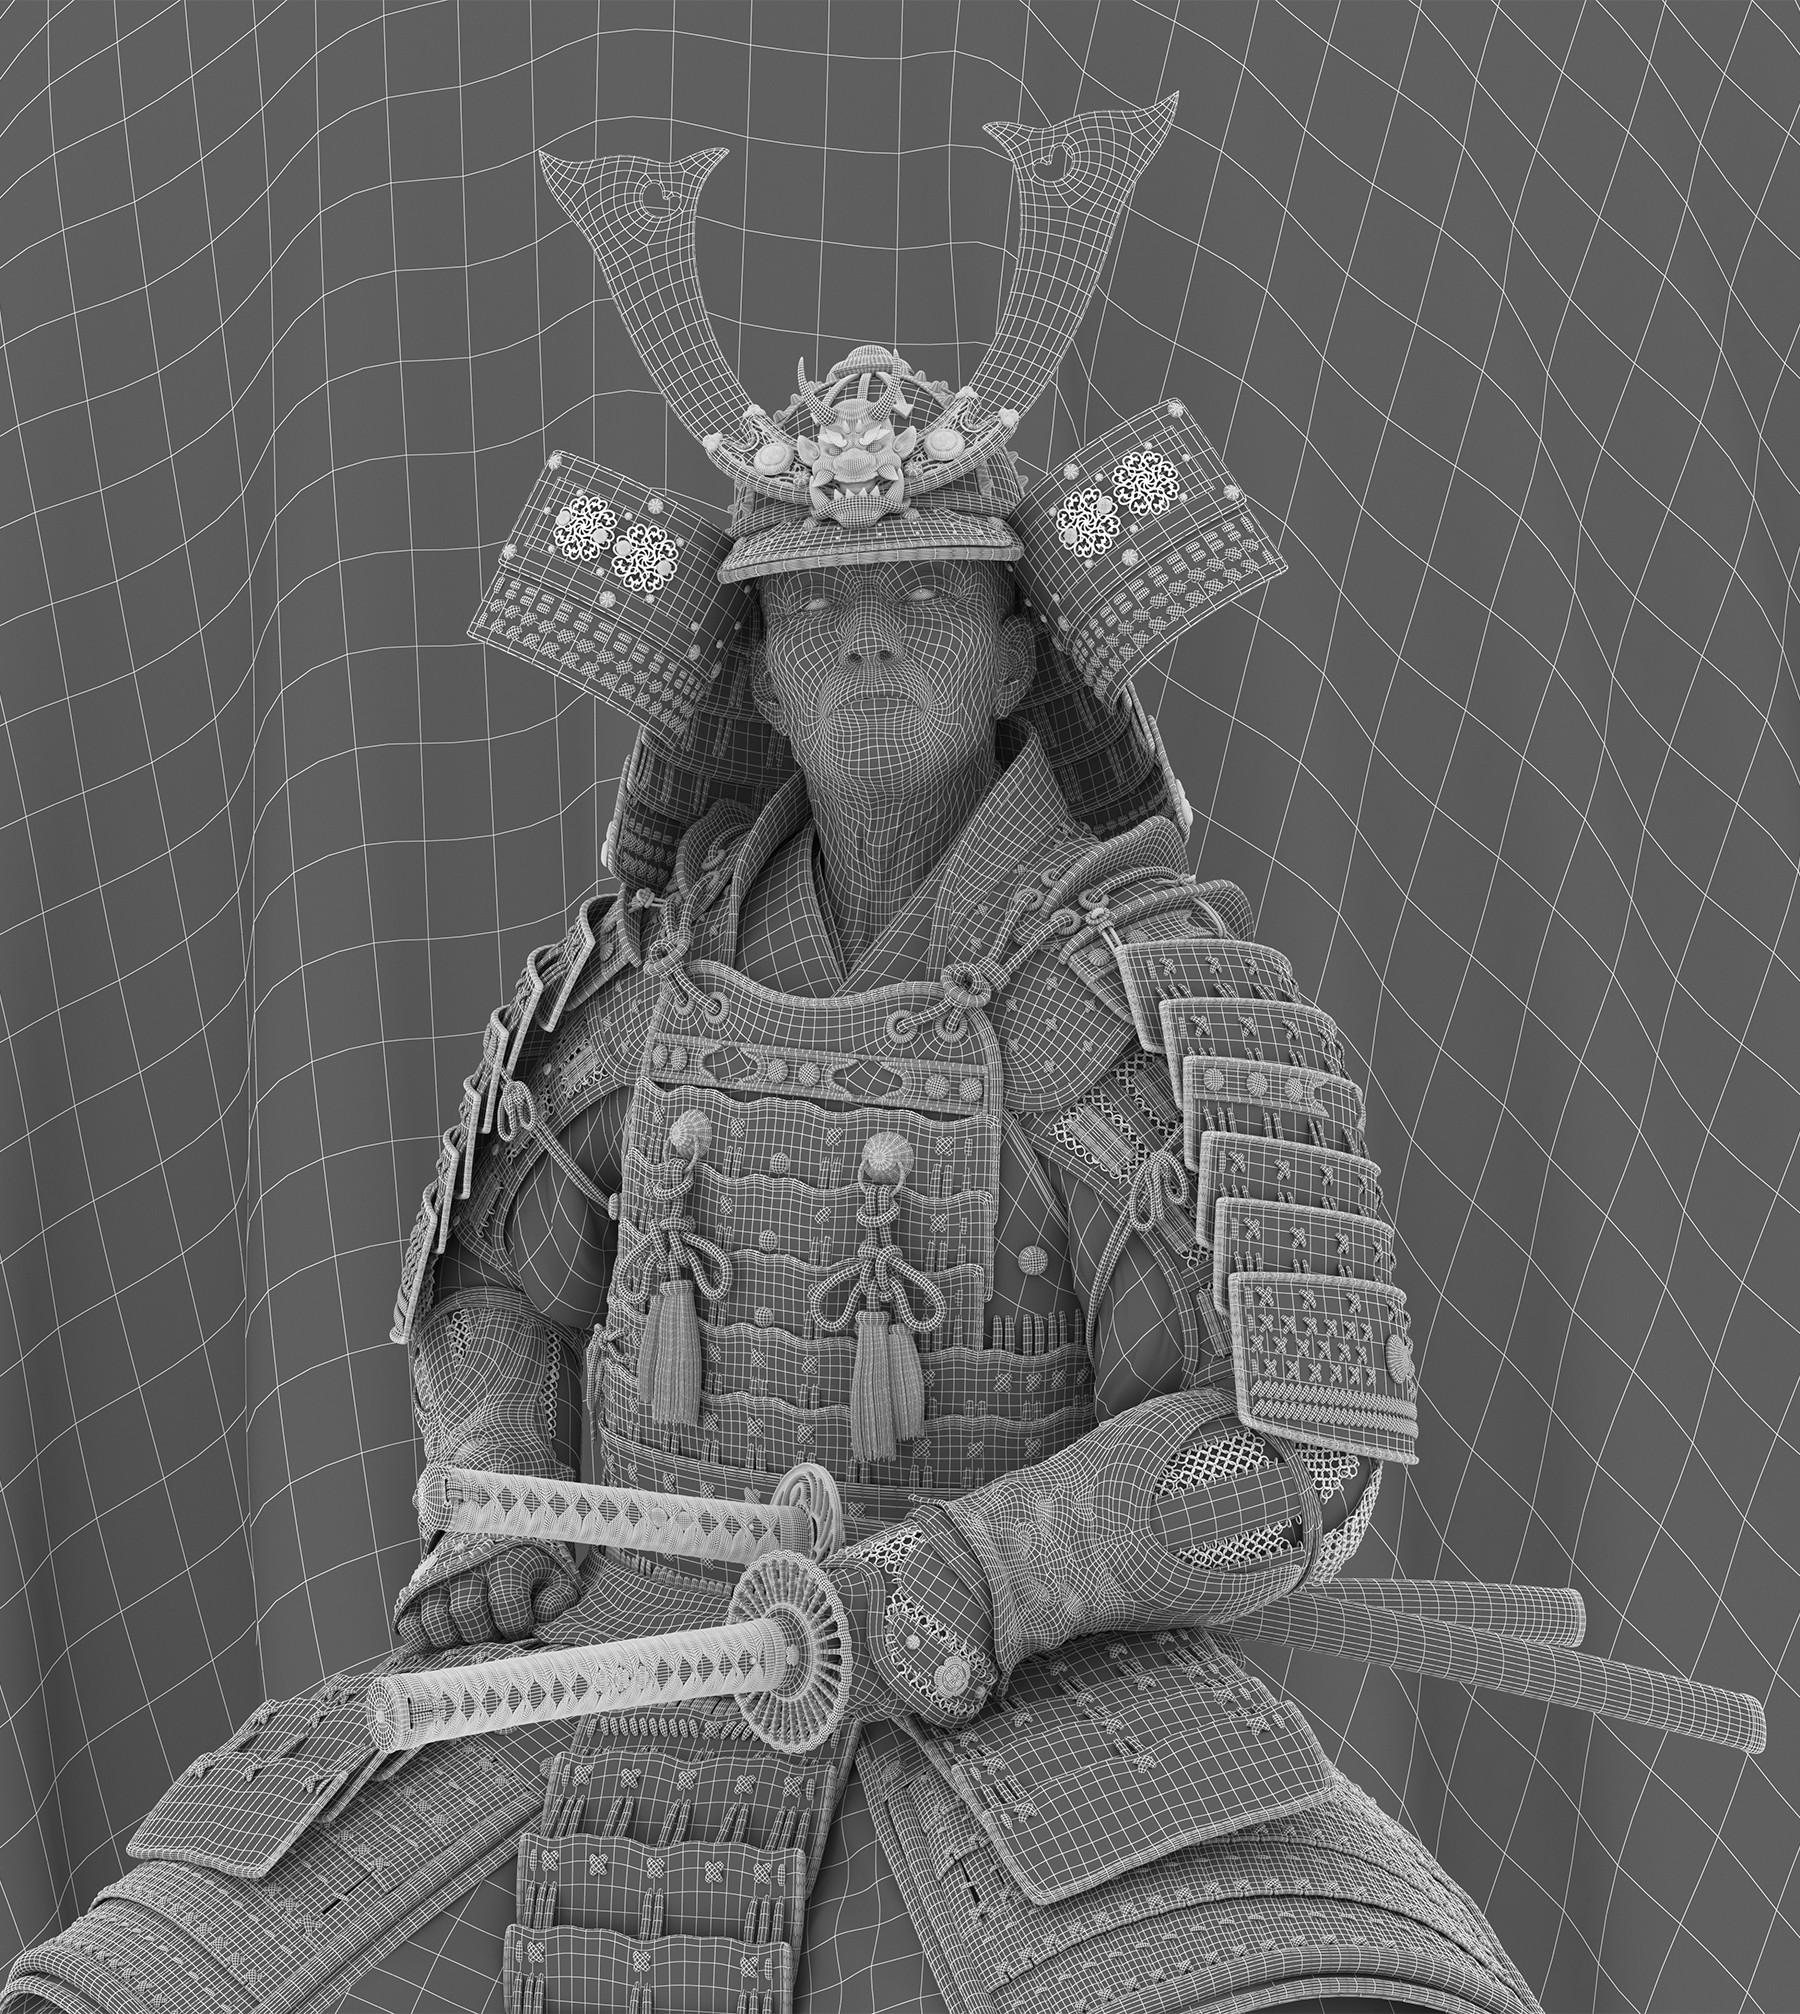 Arthur torres melero samuraiwireframe